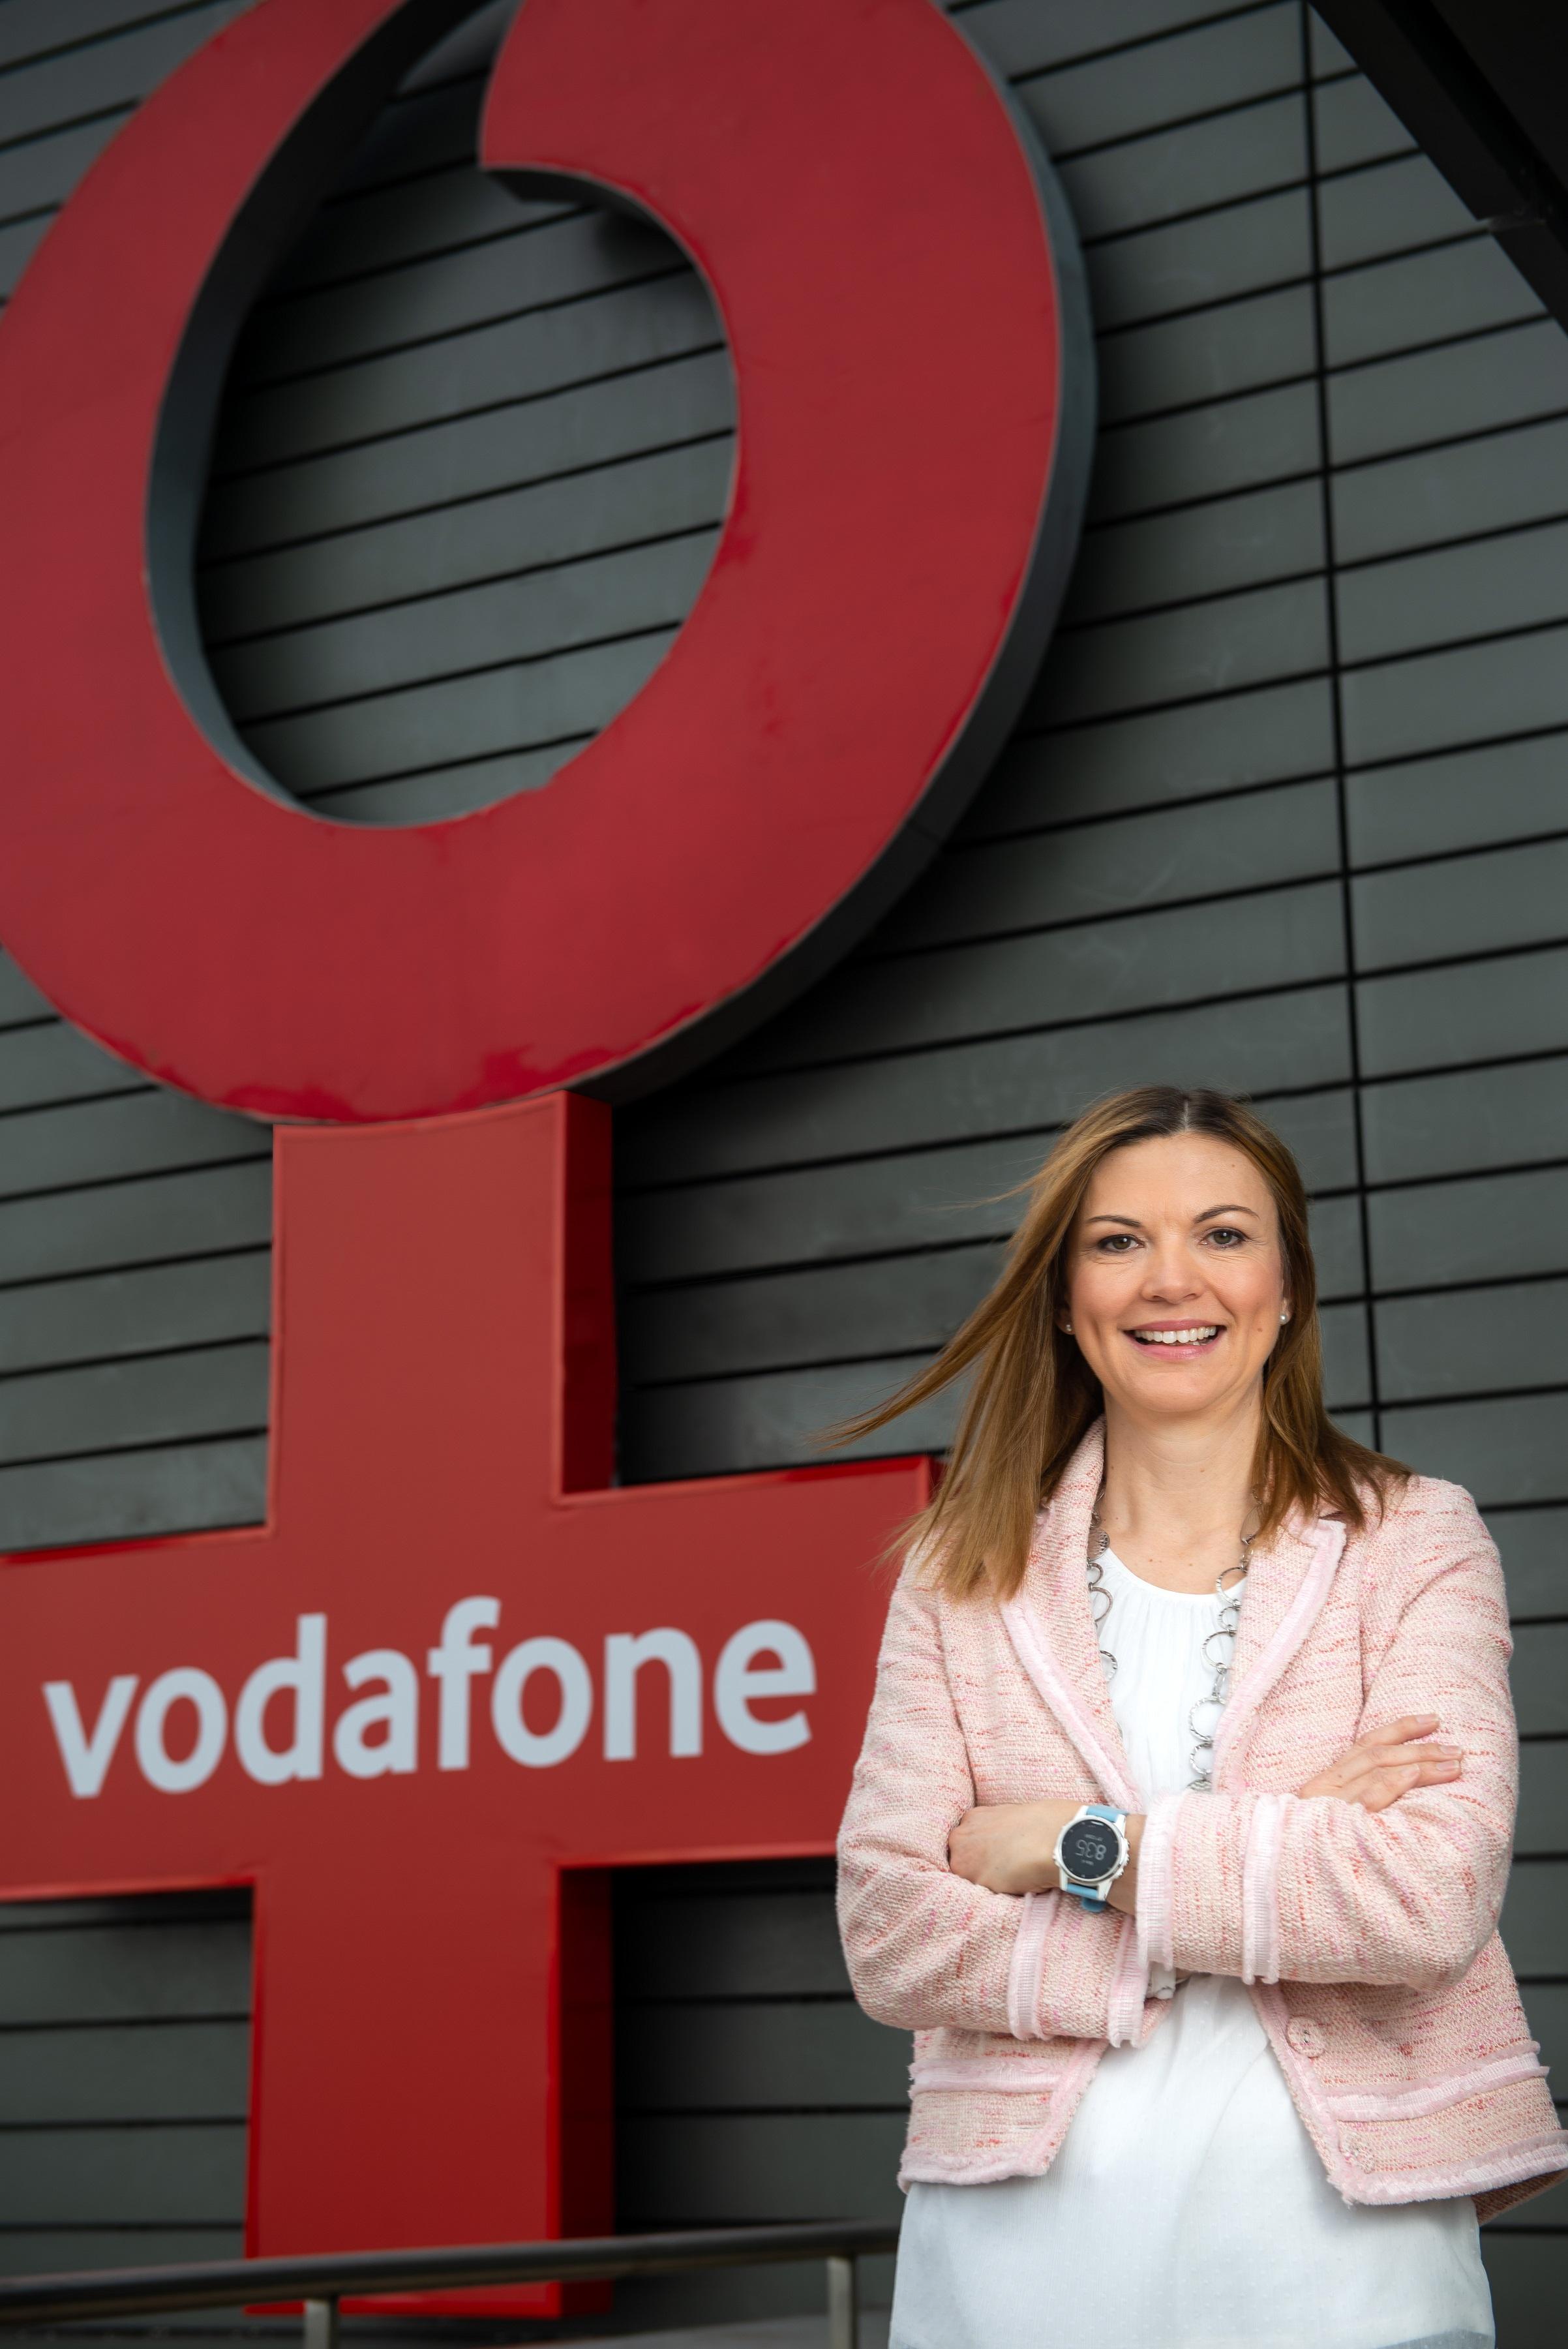 ea728b34ec Női szimbólumra cserélte vállalati jelképét a Vodafone